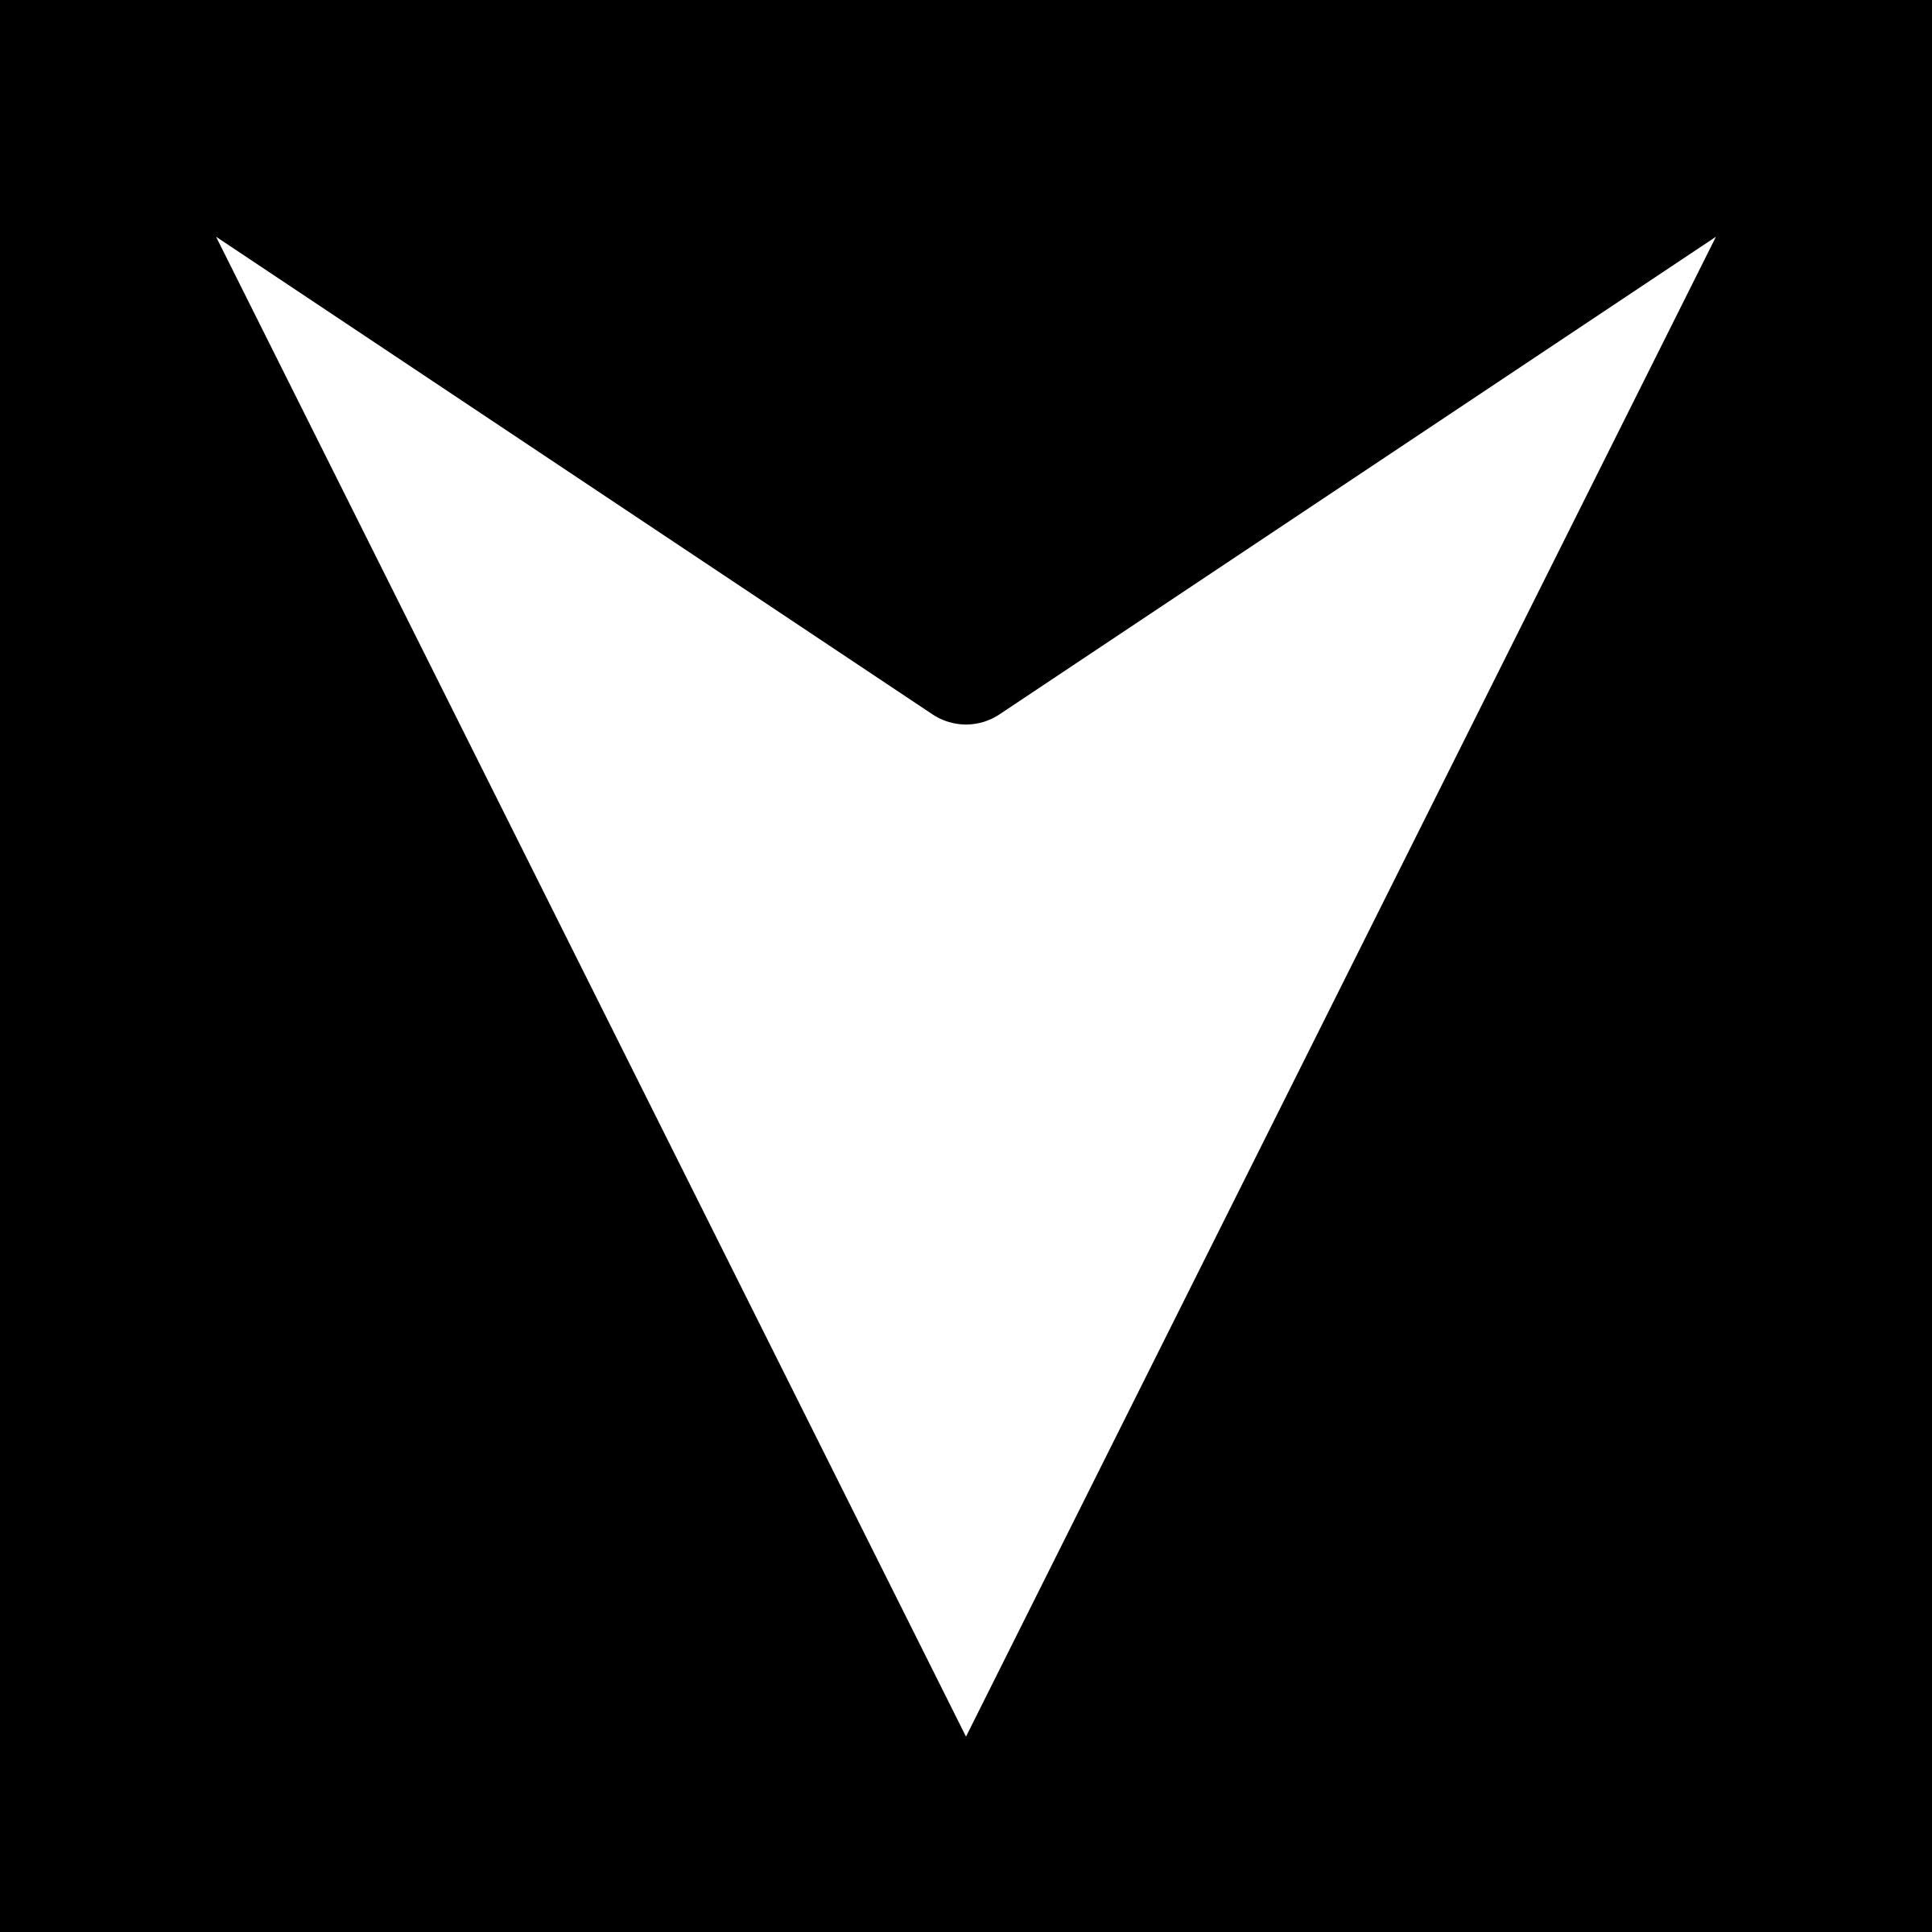 Clipart arrows plain. Big image png